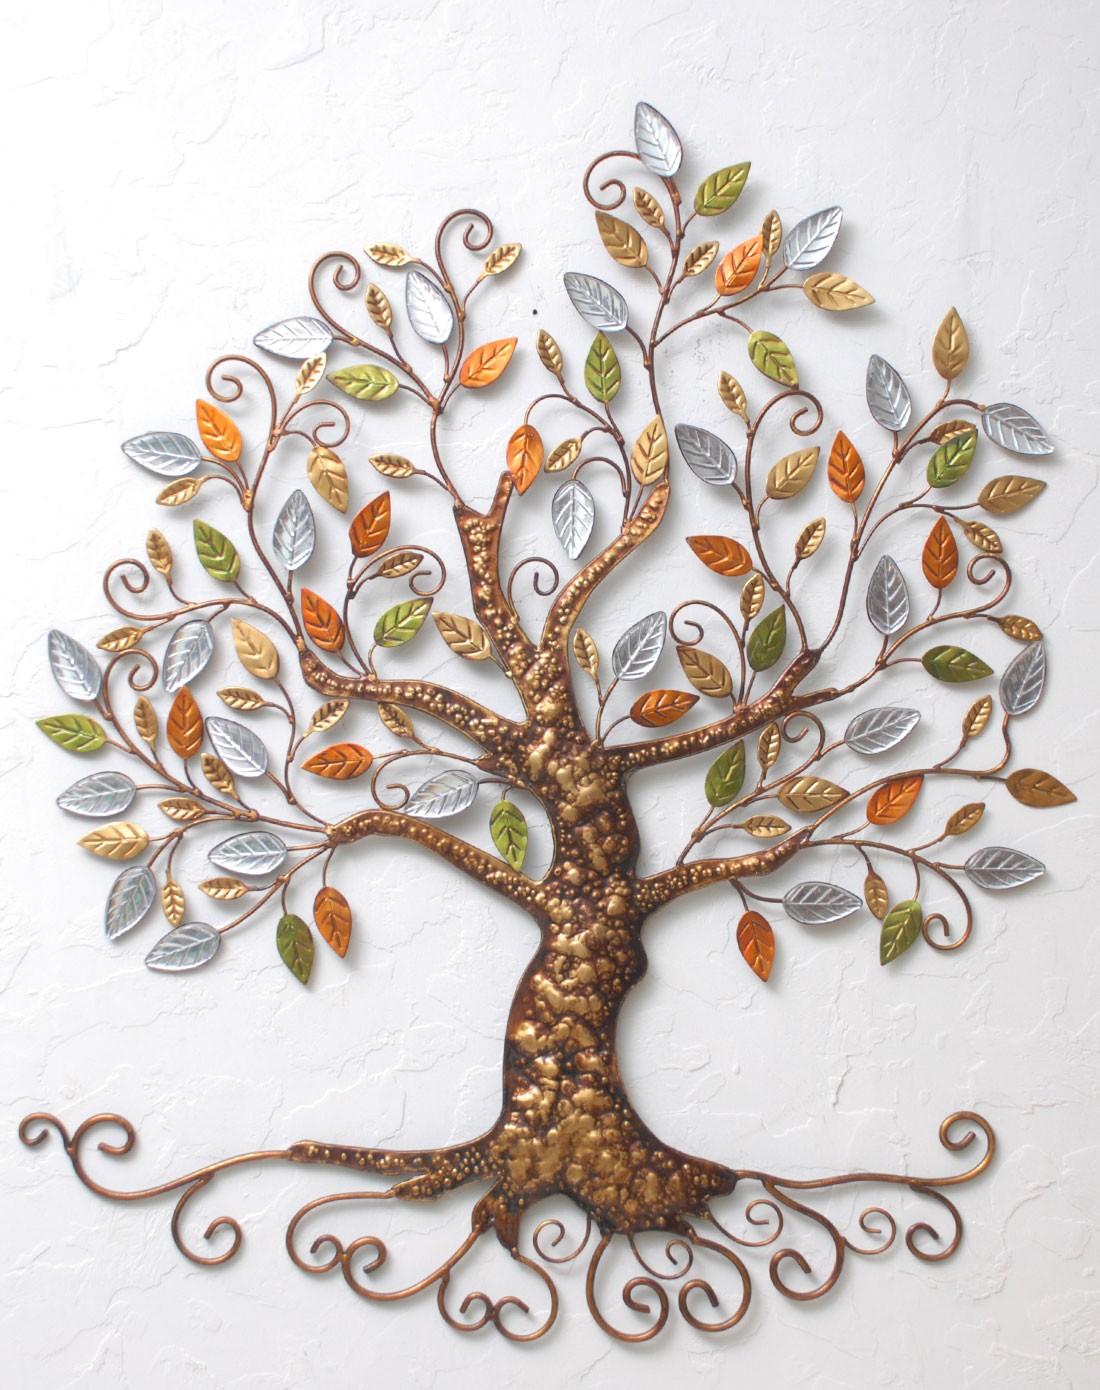 铁艺发财树墙面装饰品财源滚滚-全手工品图片